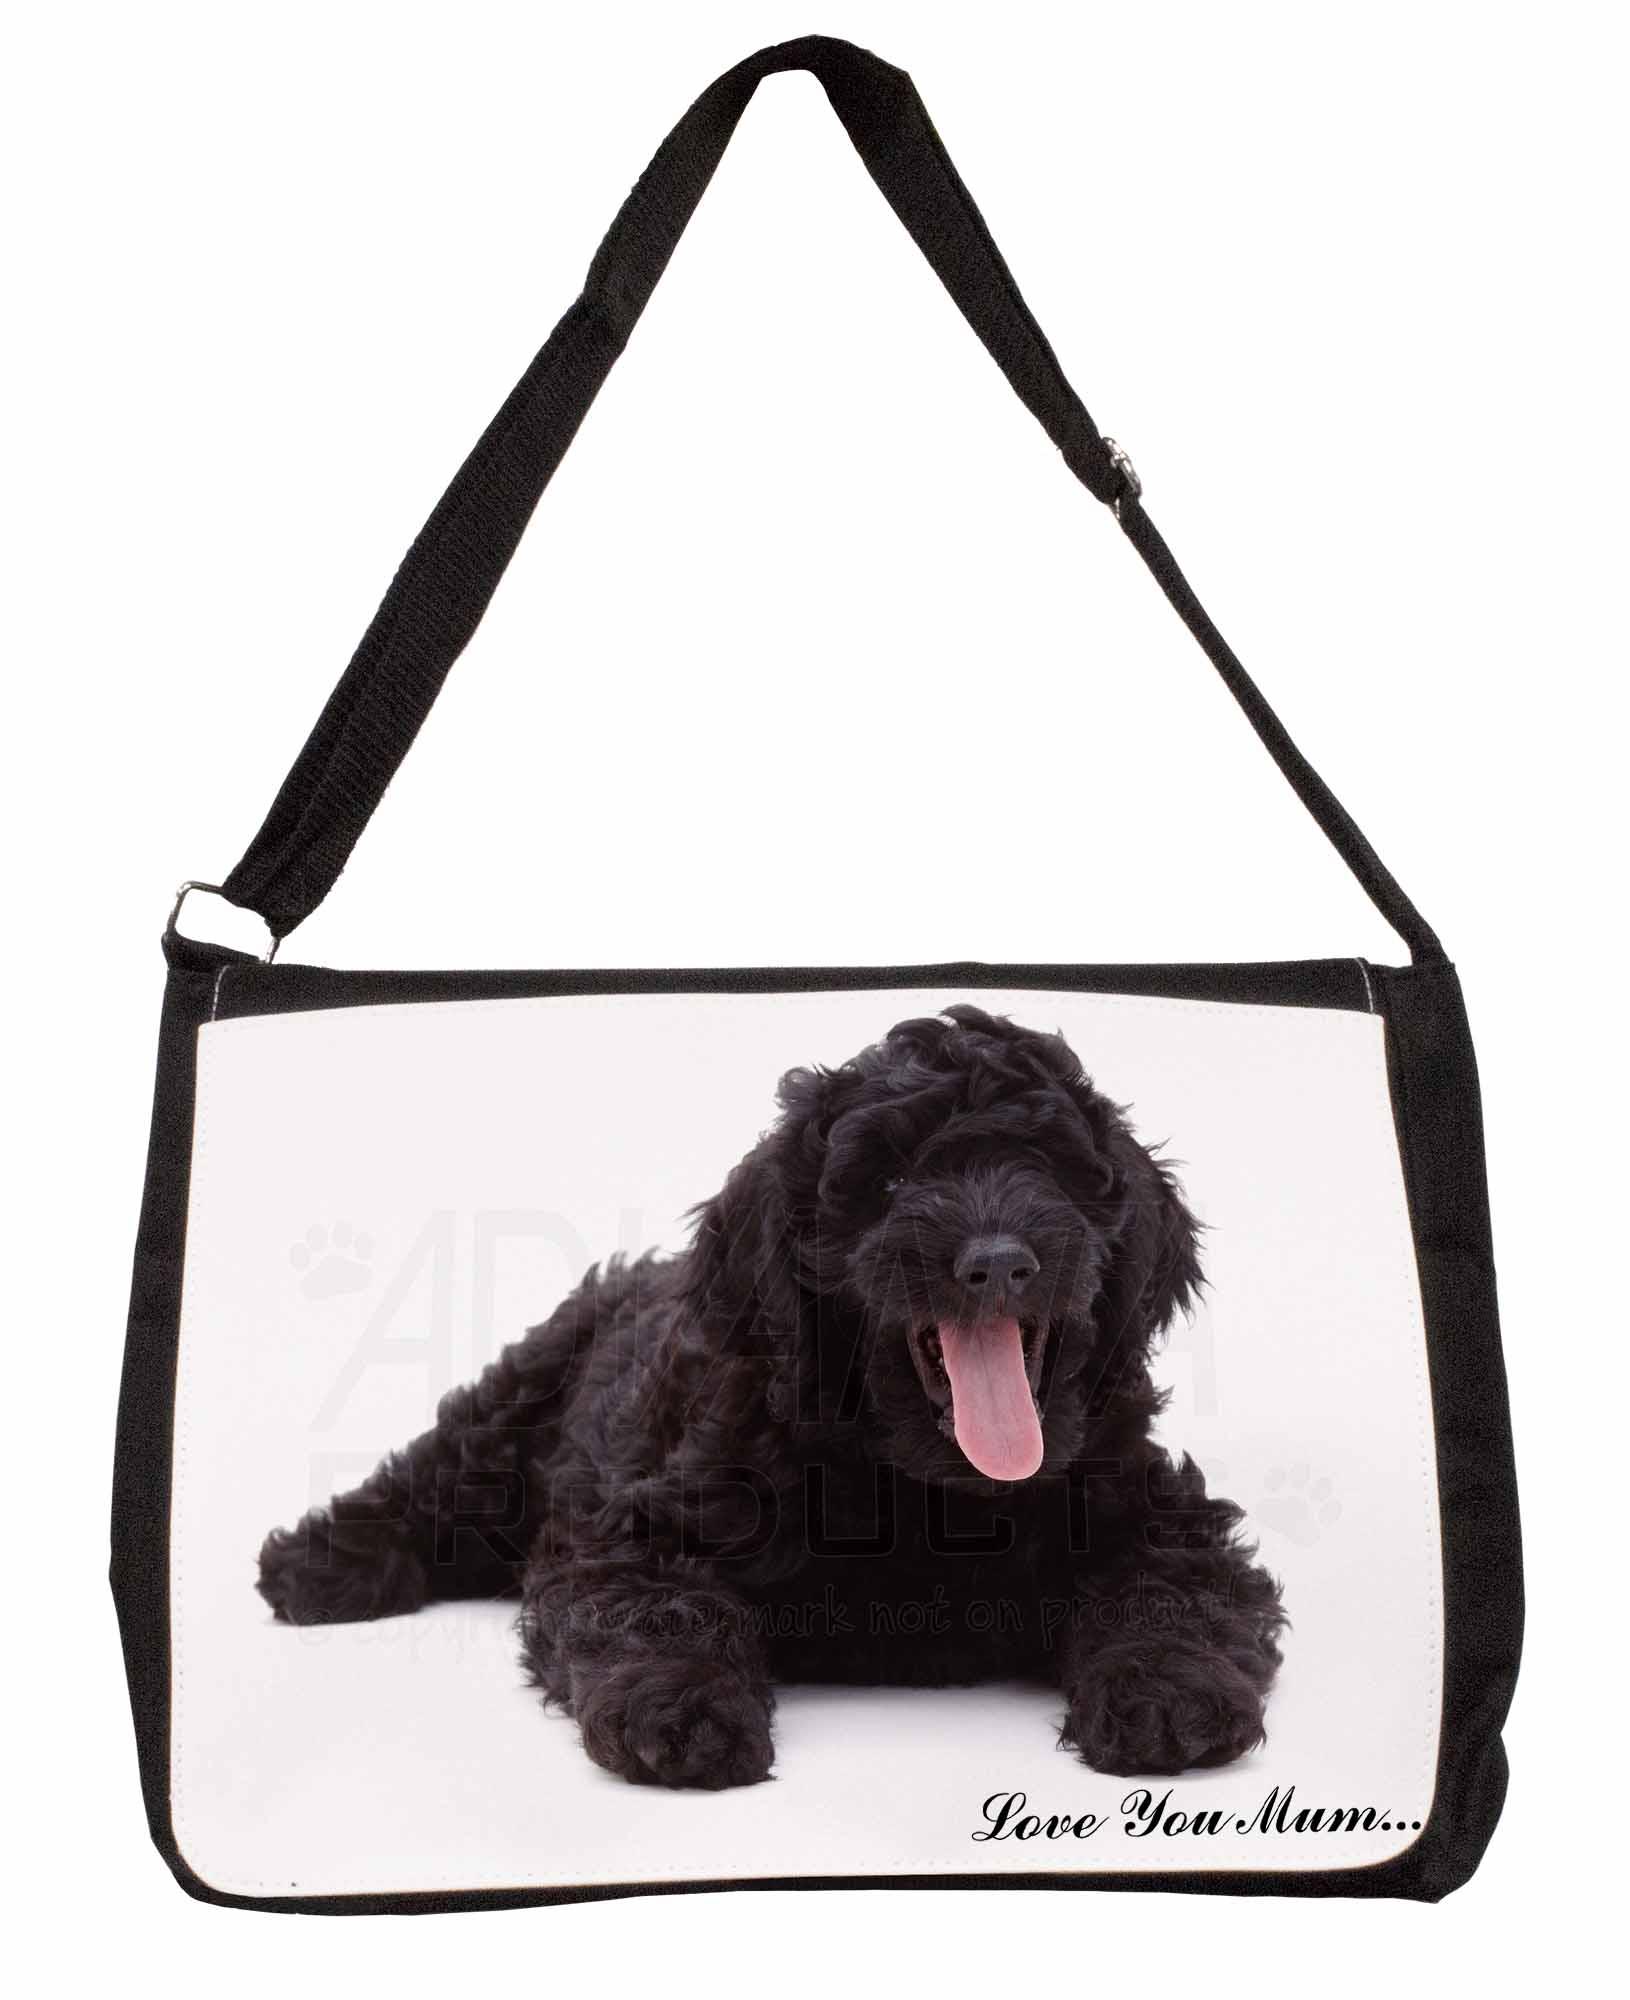 Westie Dogs /'Love You Mum/' Large Black Laptop Shoulder Bag School//Co AD-W1lymSB